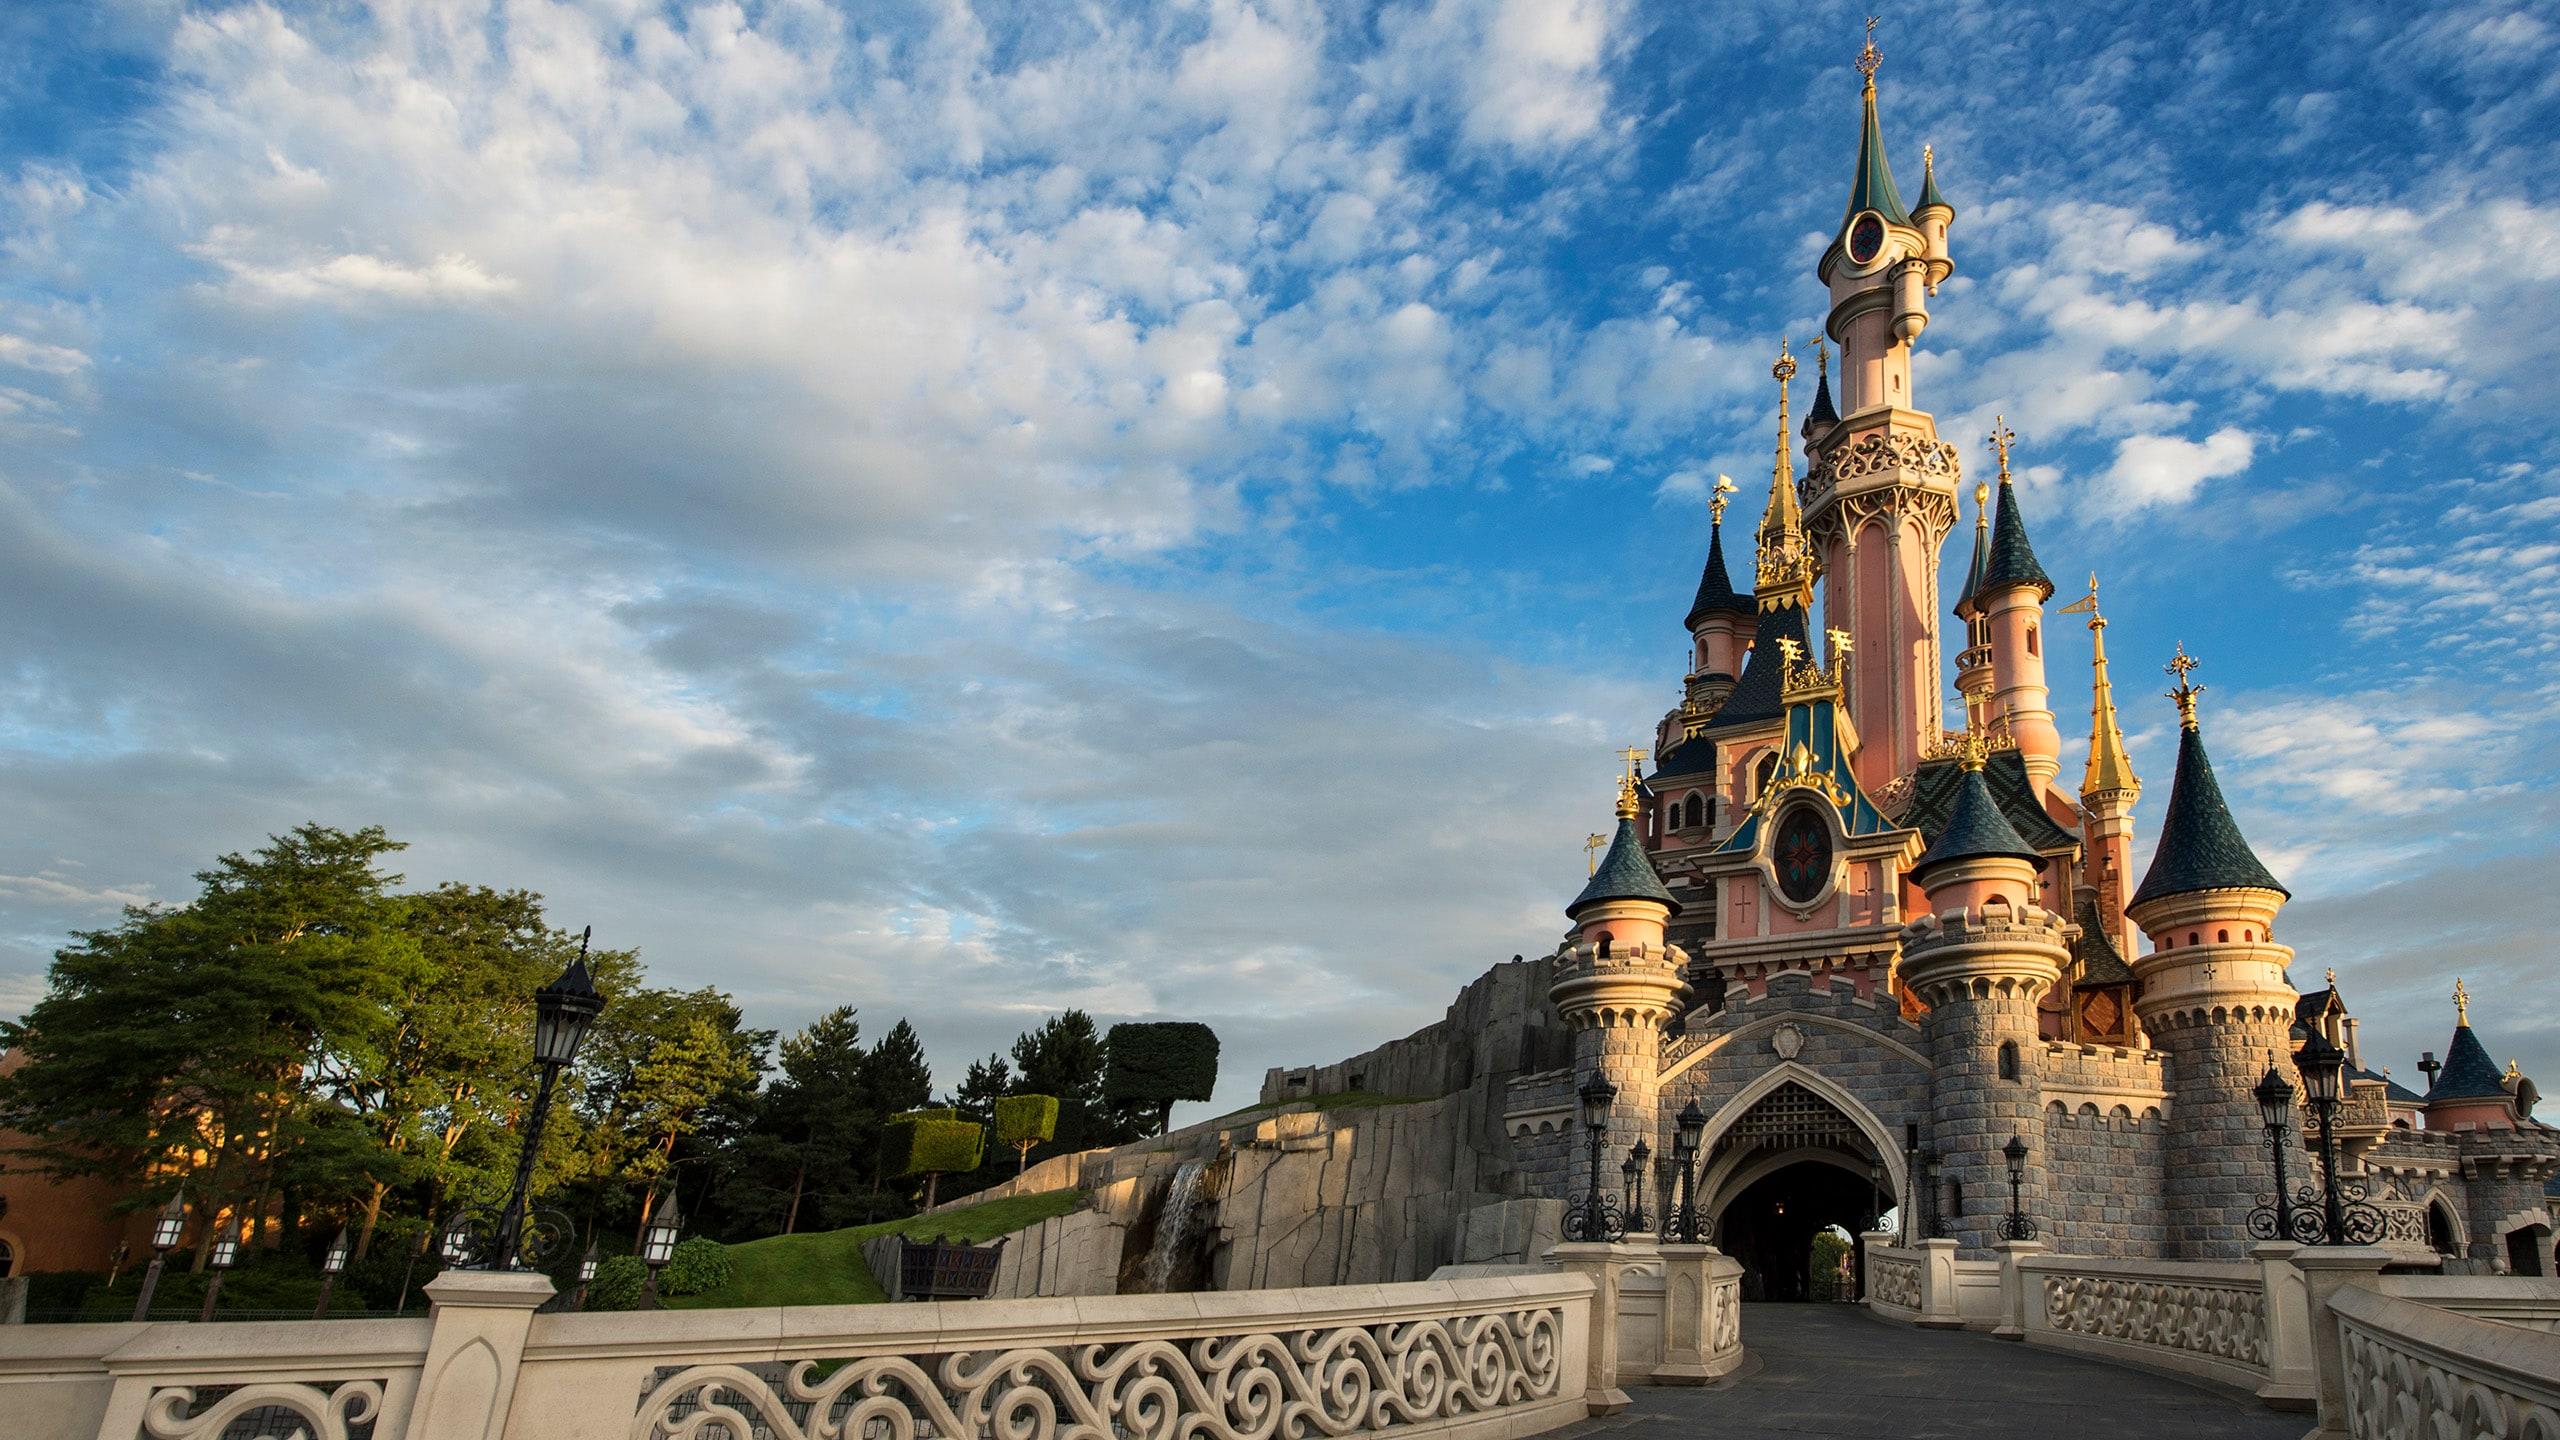 ディズニーランド・パリの眠れる森の美女の城